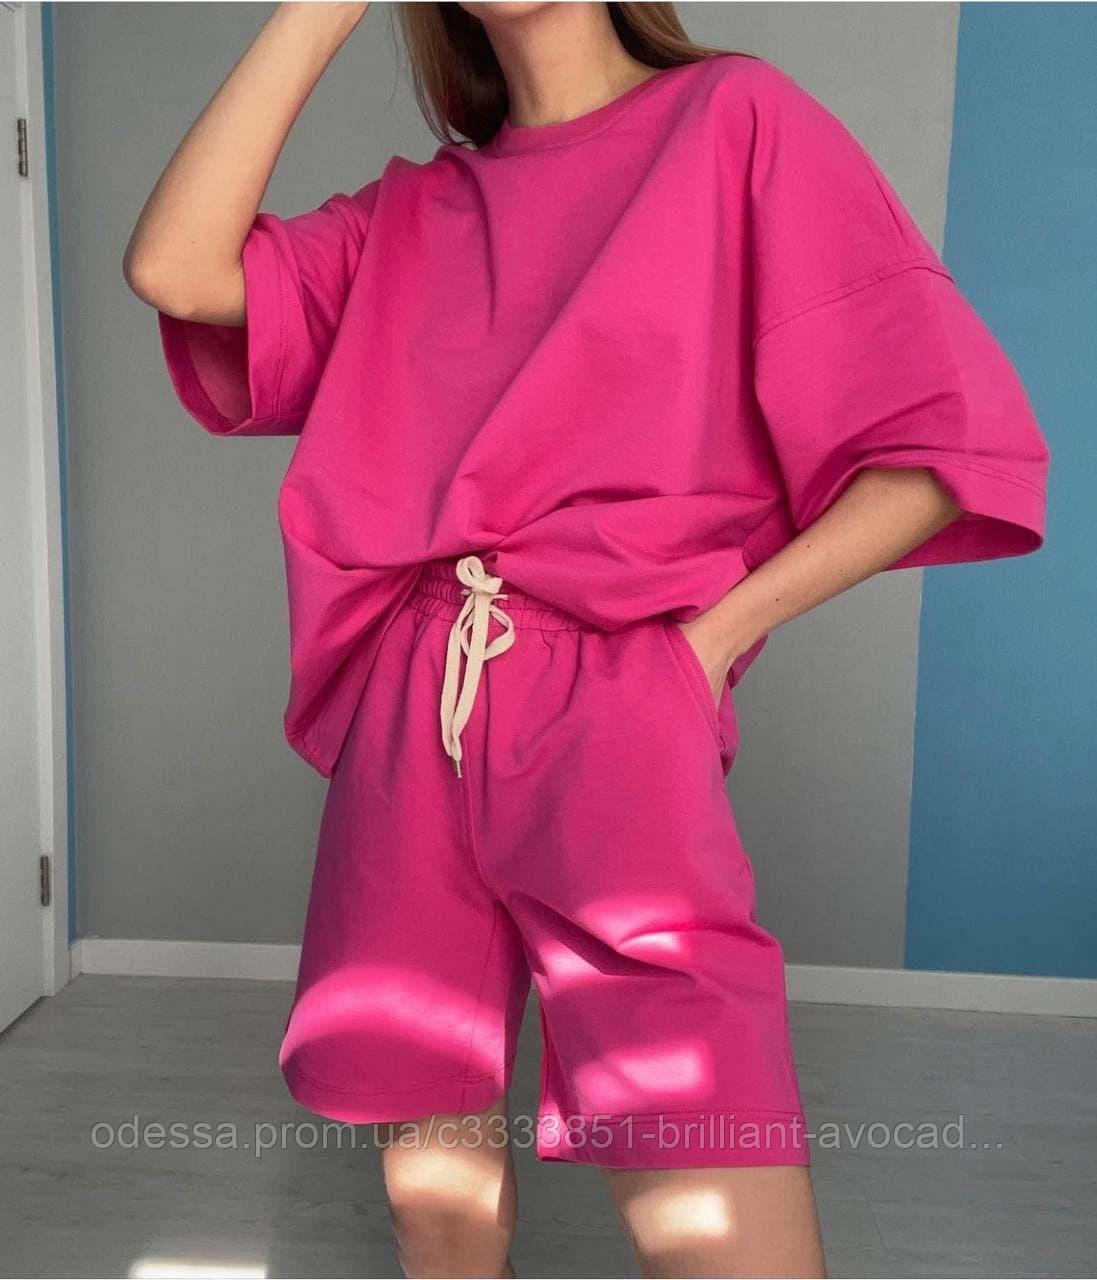 Жіночий модний яскравий прогулянковий костюм двійка (футболка оверсайз і шорти)